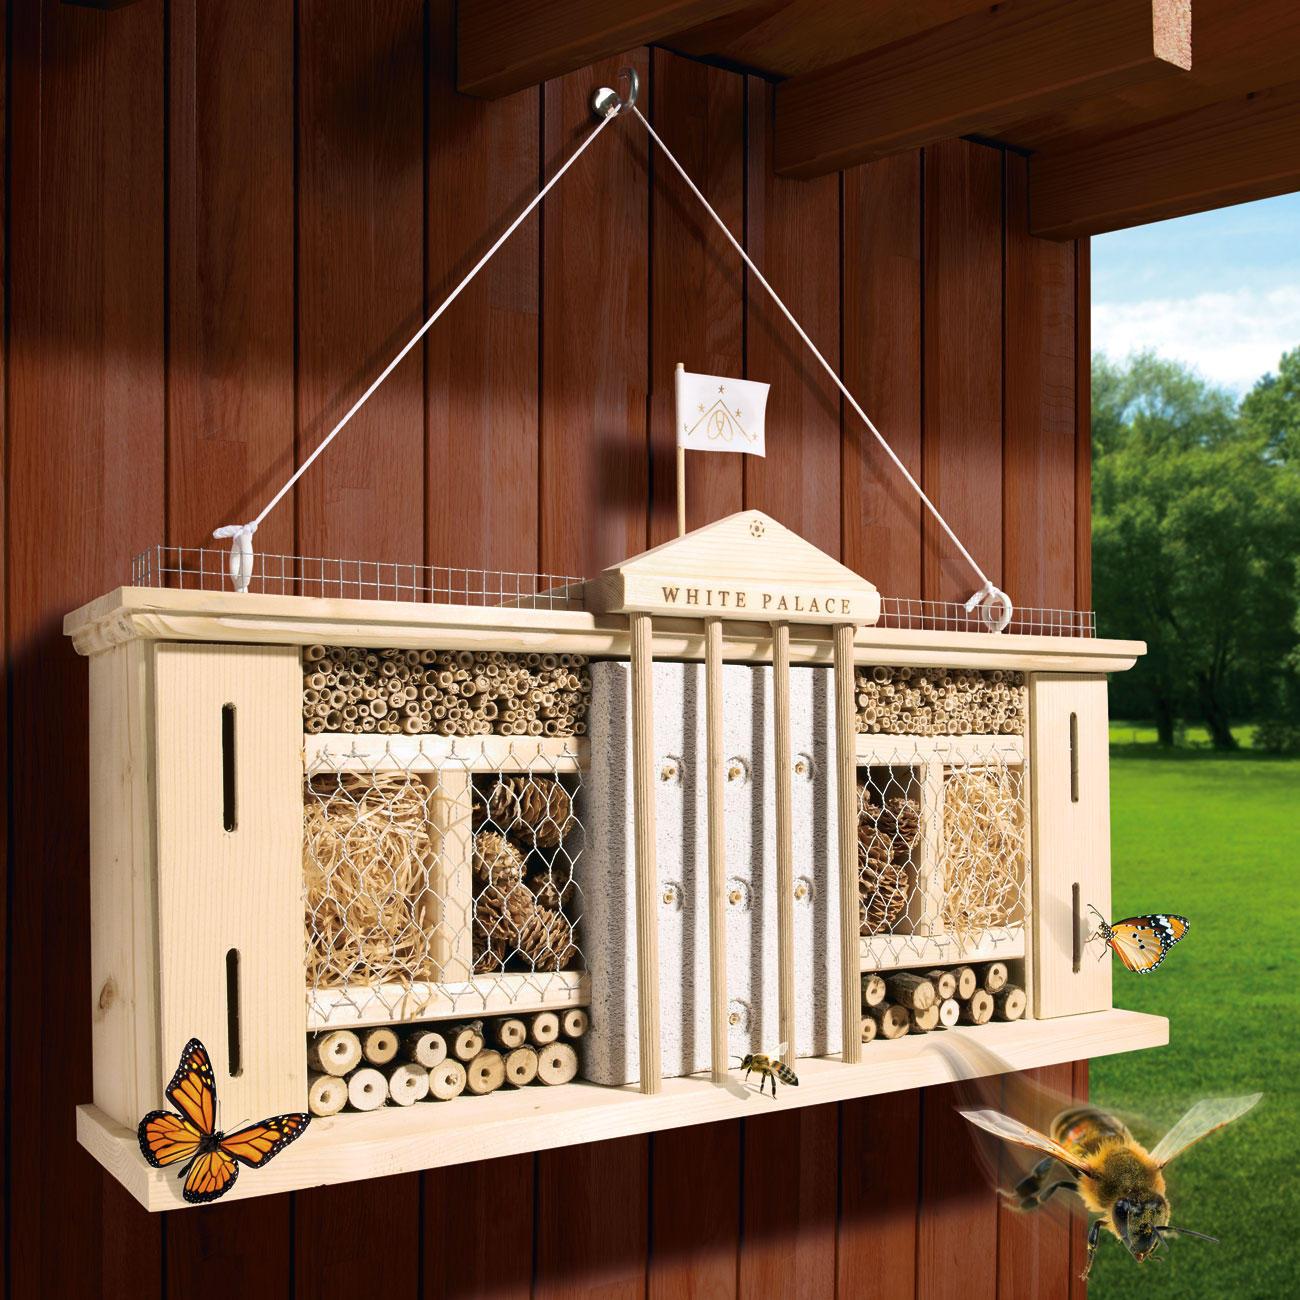 insektenhotel white palace mit 3 jahren garantie. Black Bedroom Furniture Sets. Home Design Ideas